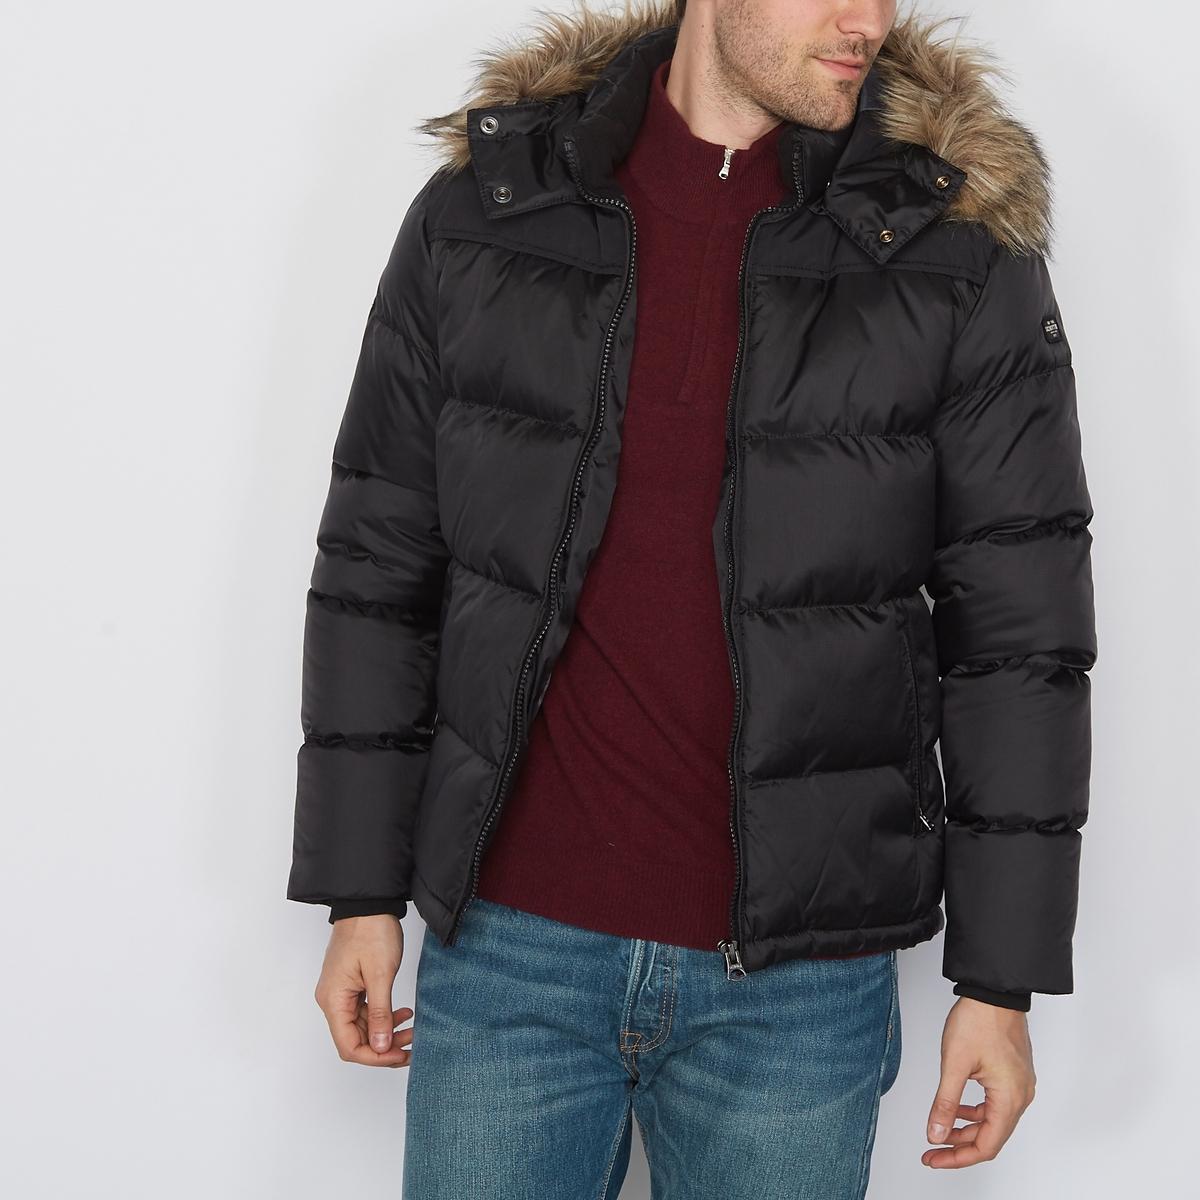 Куртка средней длины, зимняя модельДетали •  Длина  : средняя  •  Капюшон  •  Застежка на молнию  •  С капюшоном Состав и уход •  100% полиамид  •  Следуйте советам по уходу, указанным на этикетке<br><br>Цвет: антрацит/ черный,синий морской,черный/ черный<br>Размер: L.3XL